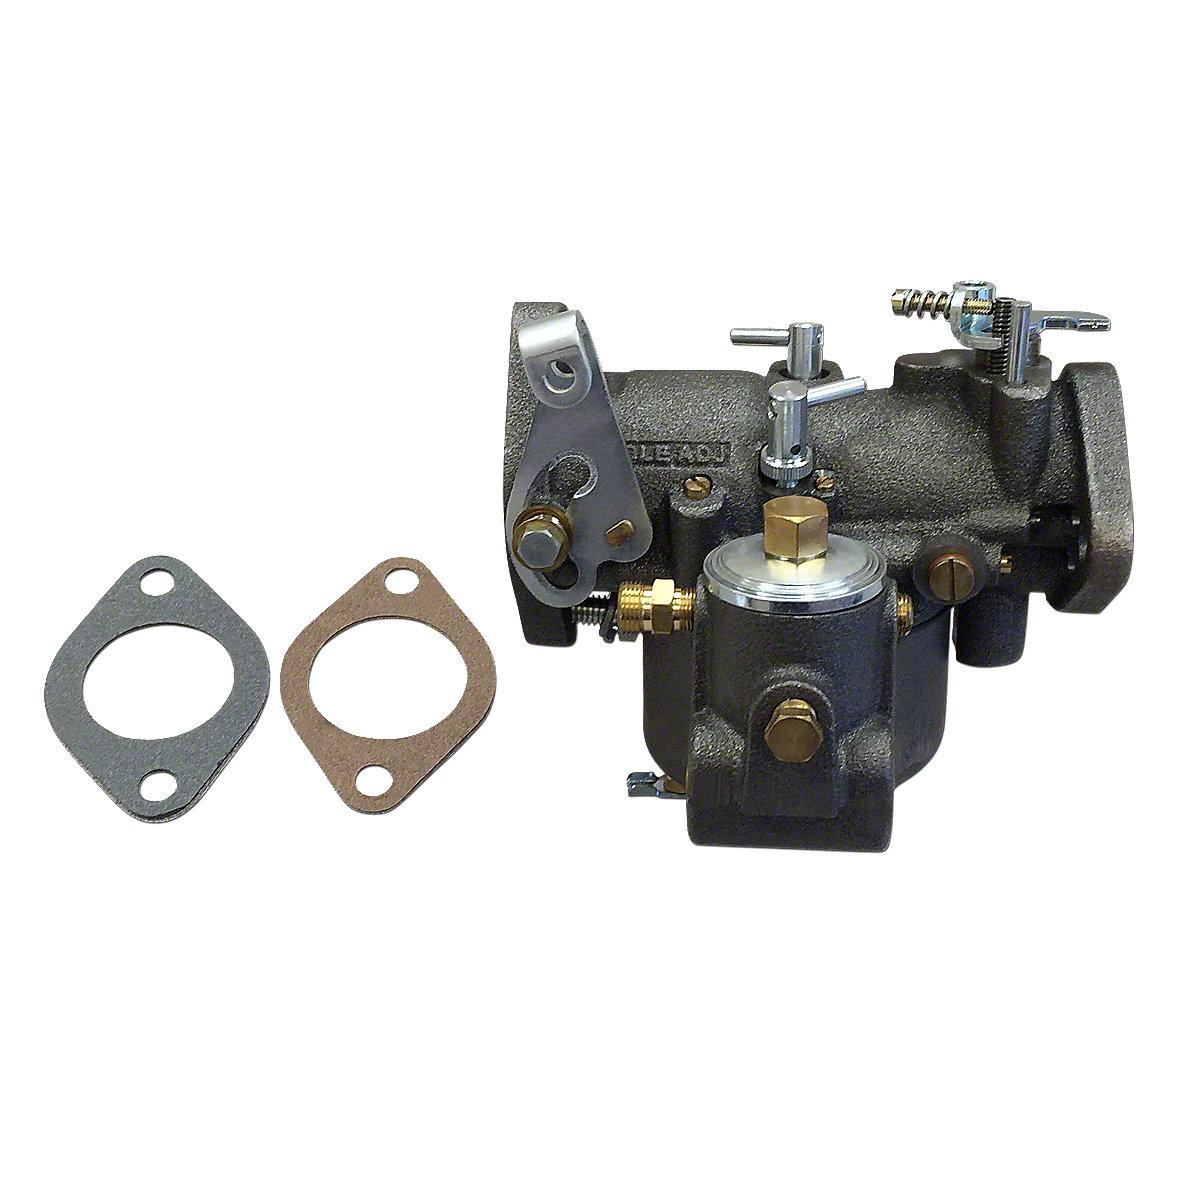 hight resolution of john deere carburetor diagram